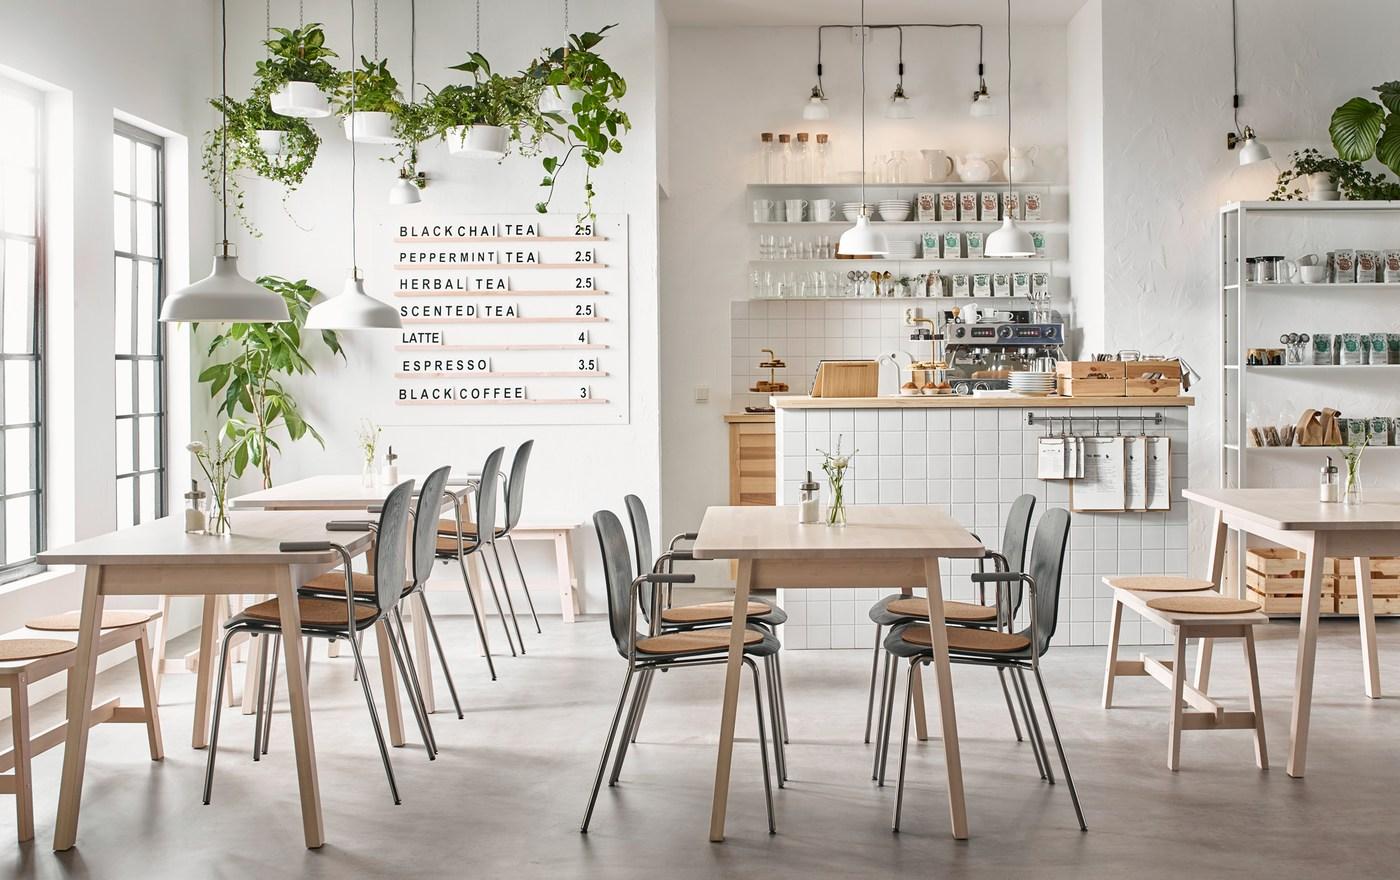 Moderná kaviareň v béžovej, čiernej a bielej farbe so stolmi NORRÅKER z bielej brezy a stoličkami SVENBERTIL v čiernej farbe a farbe chrómu.